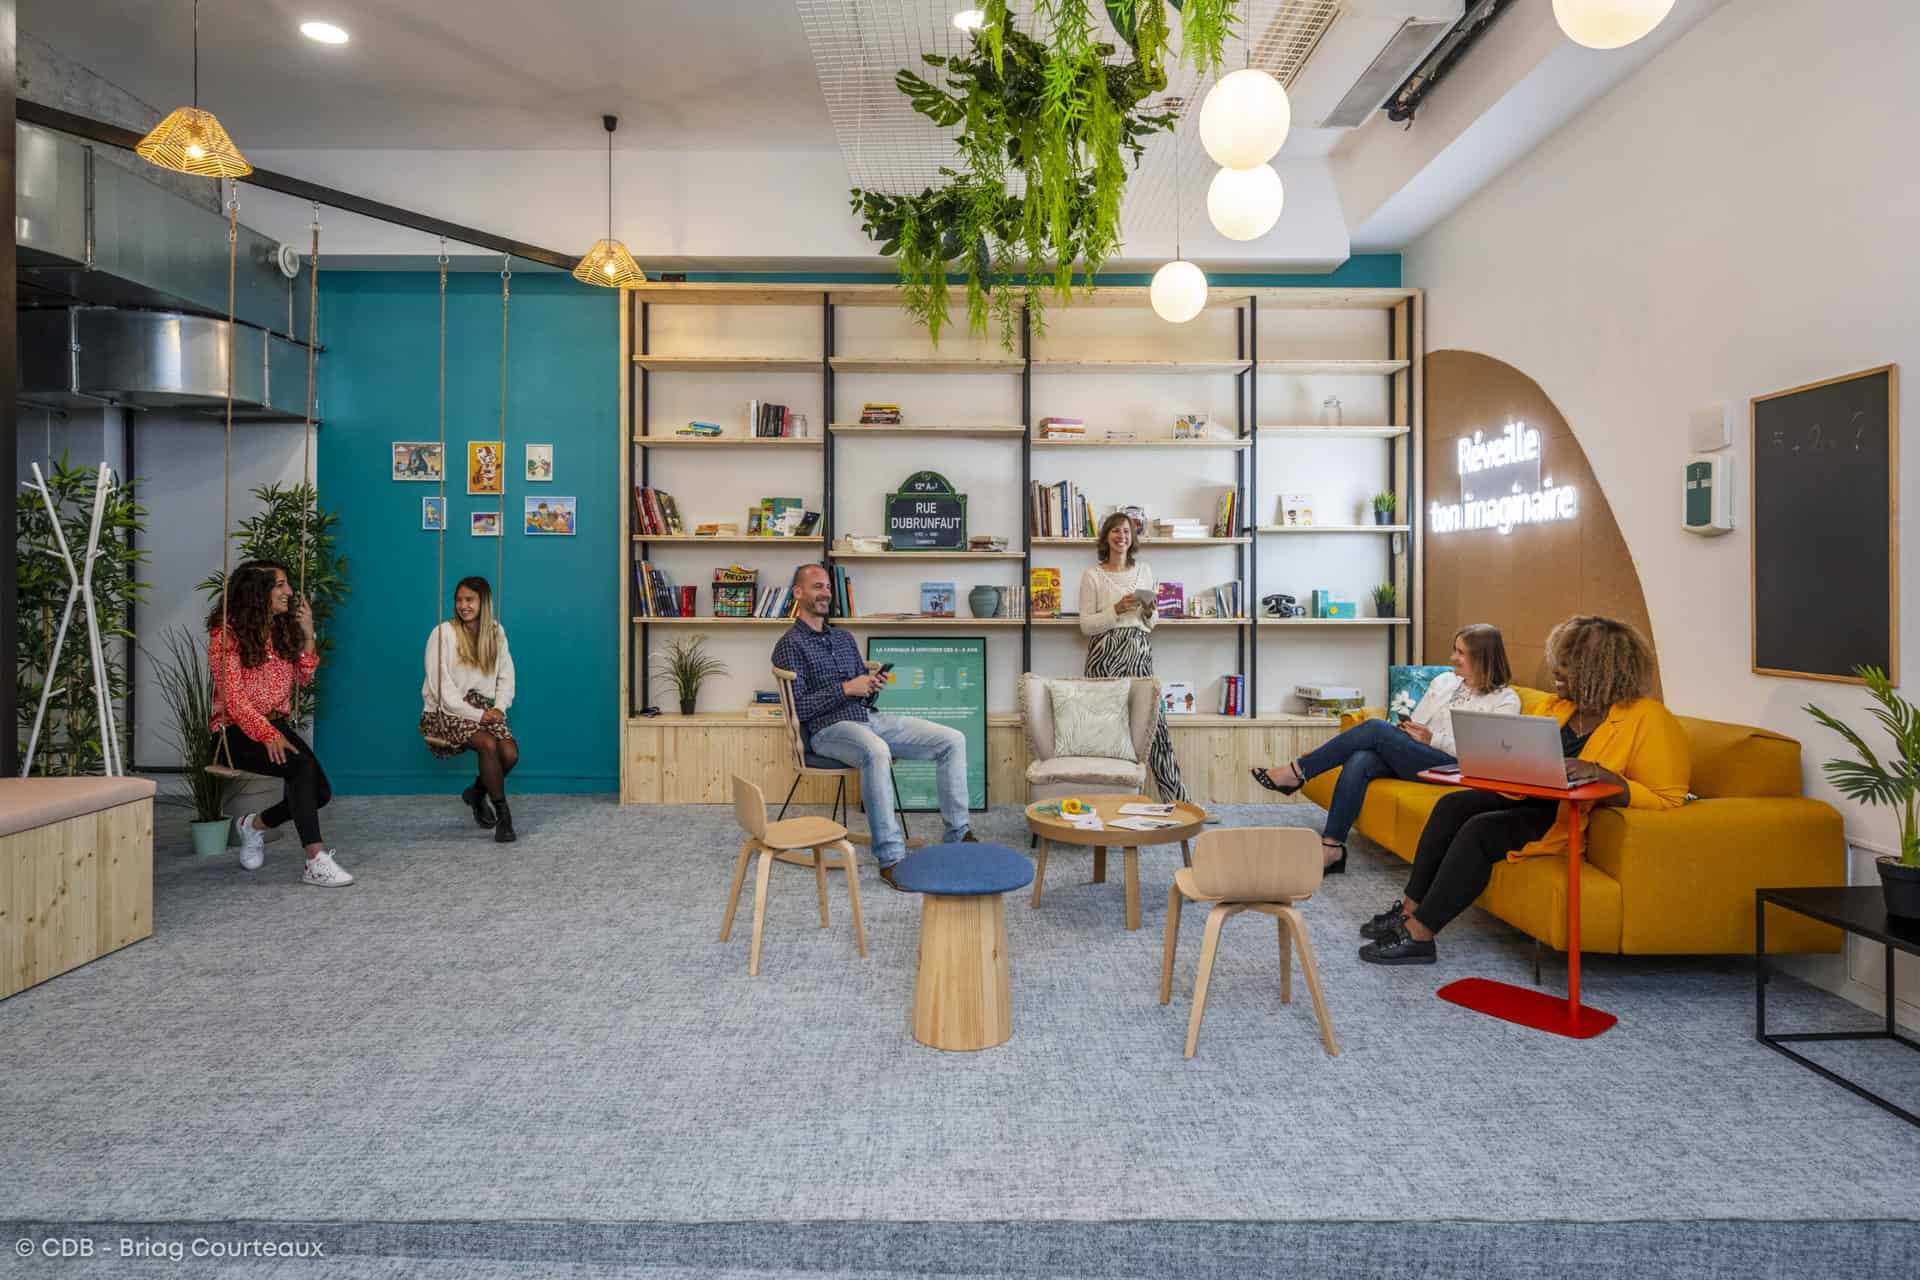 Conseil, aménagement, conception et réalisation des espaces de travail, Meet you there.